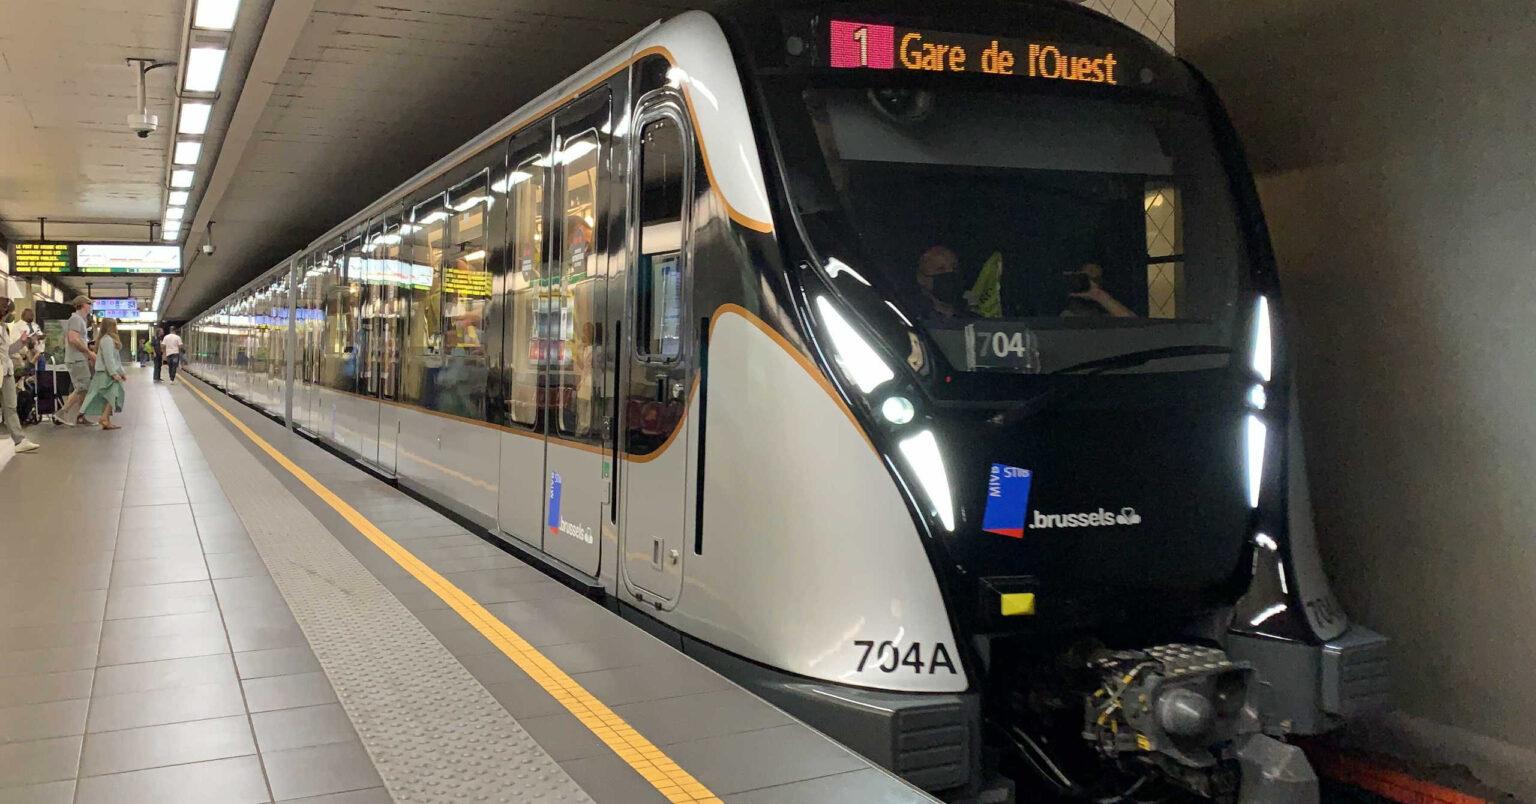 El primer tren de la serie M7 del metro de Bruselas en servicio en la línea 1. © STIB.